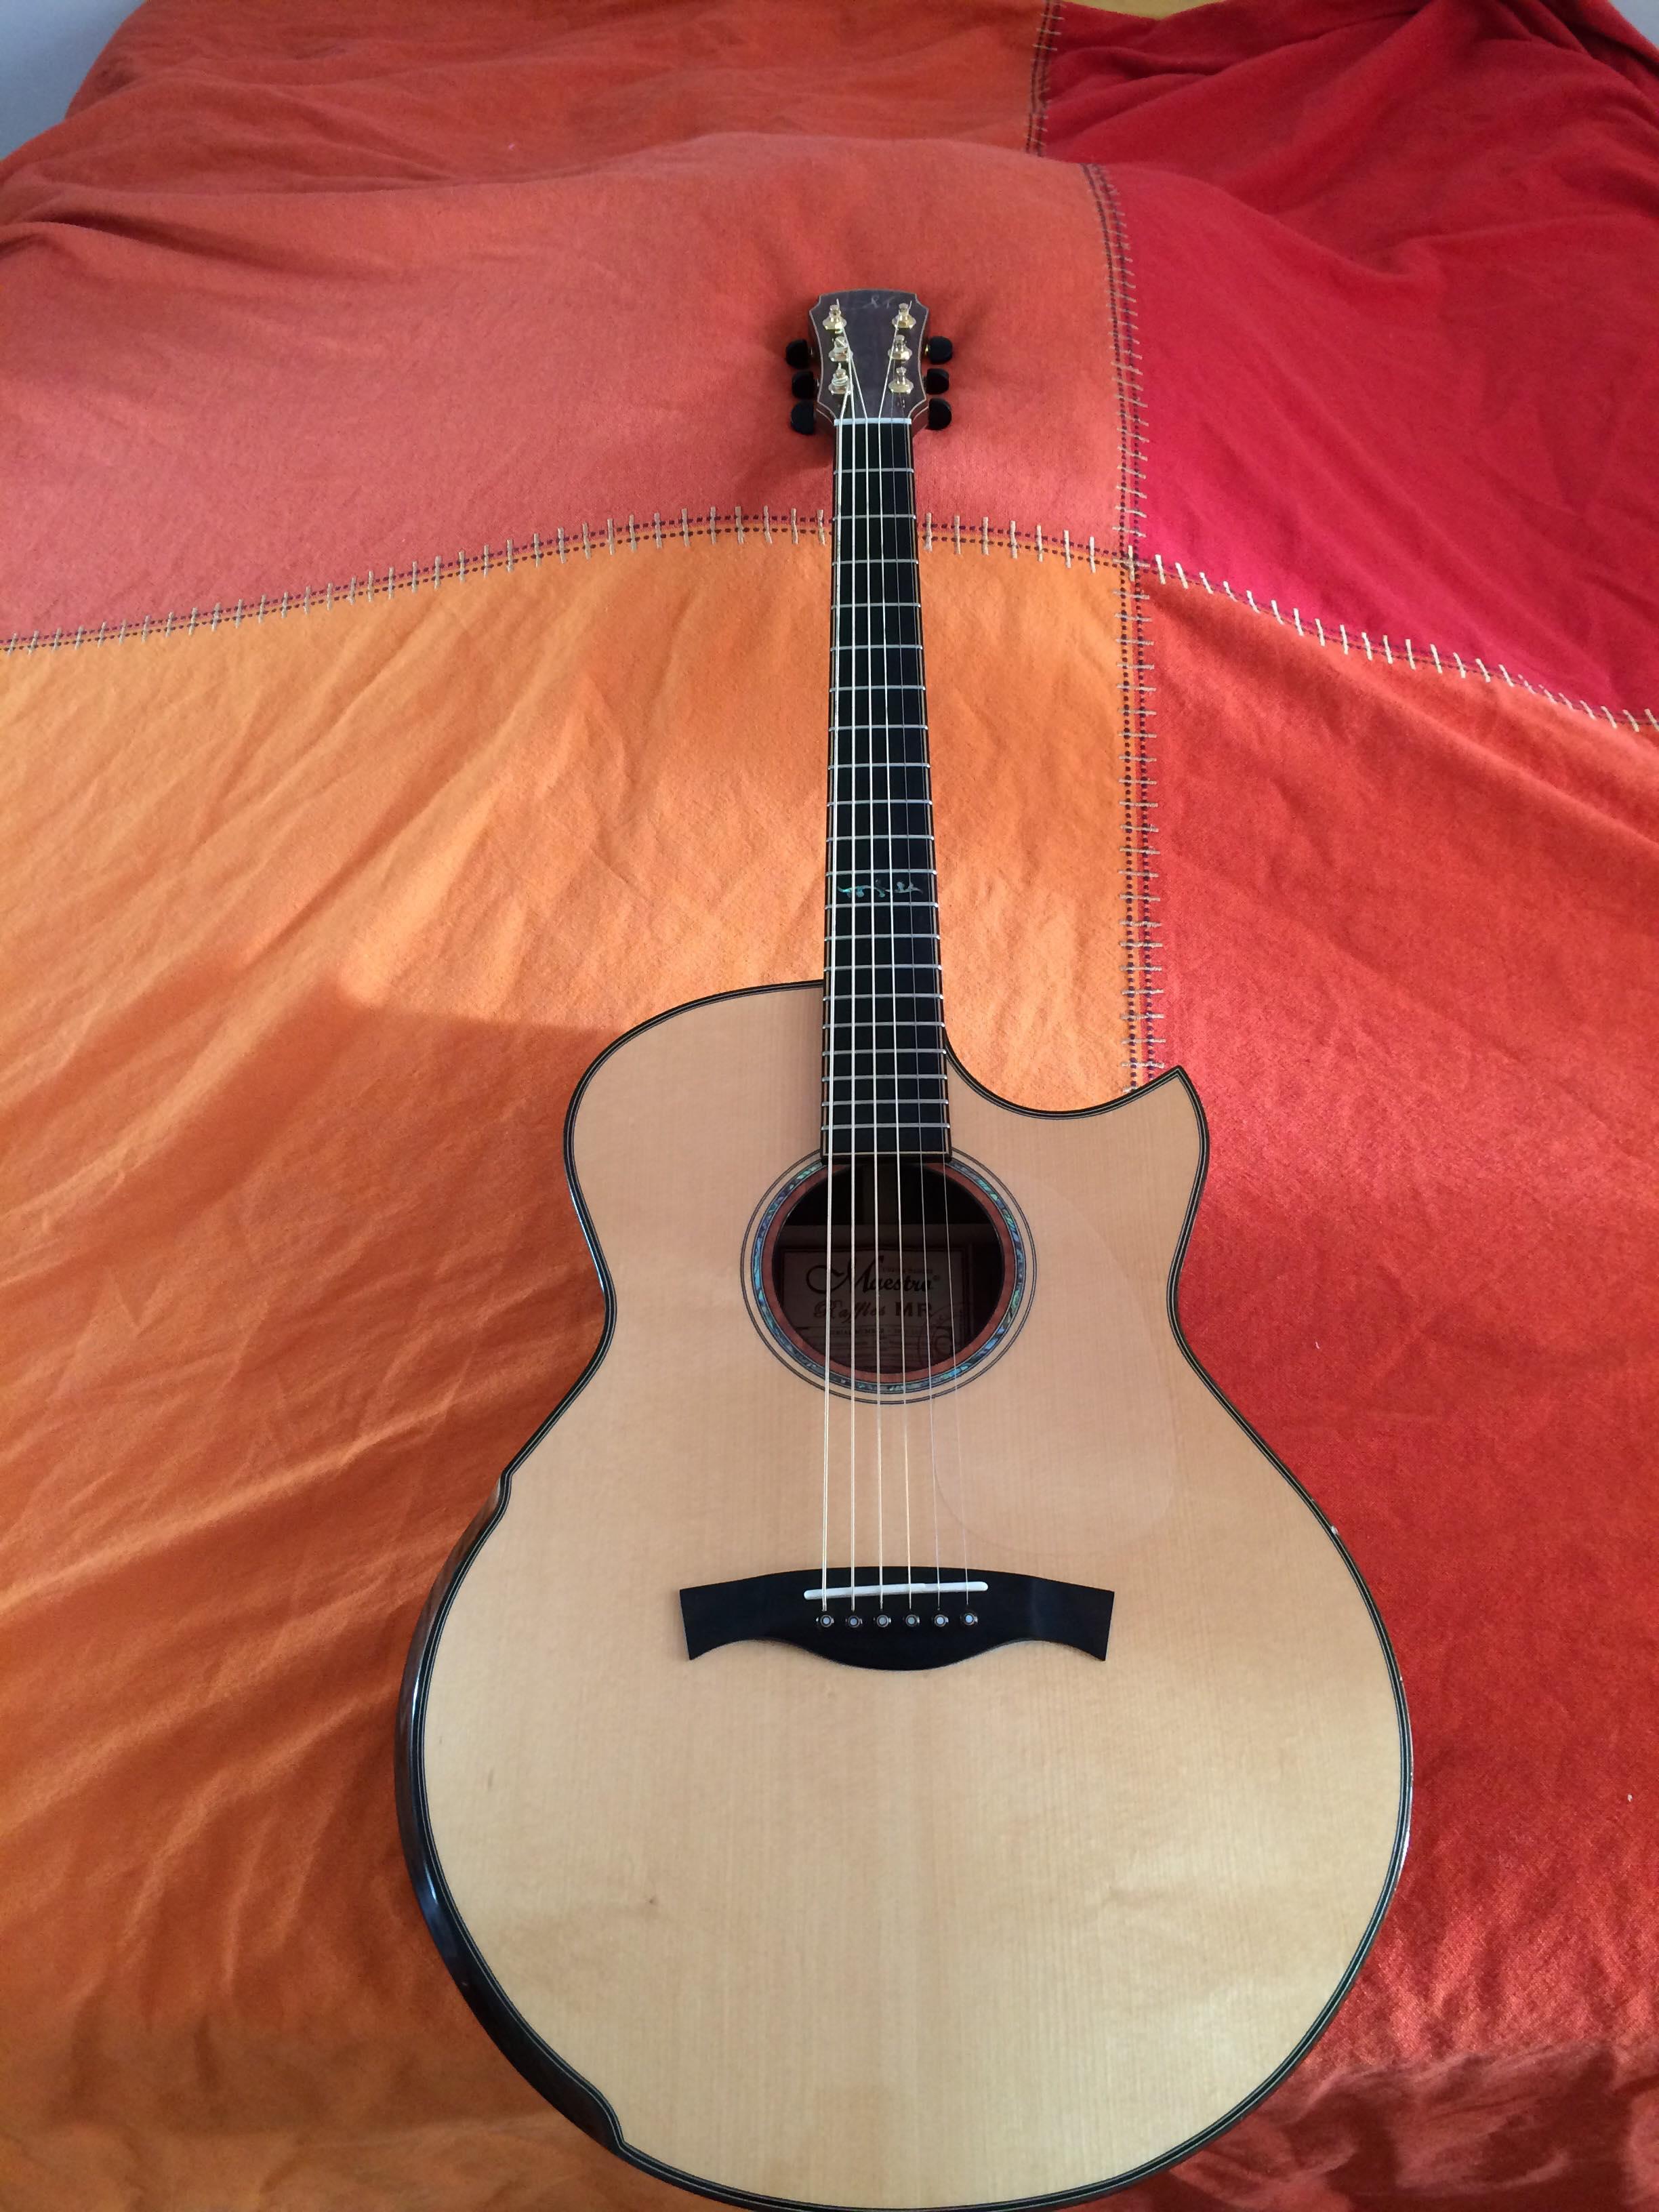 guitare lectro acoustique de luthier annonce guitare lowden. Black Bedroom Furniture Sets. Home Design Ideas